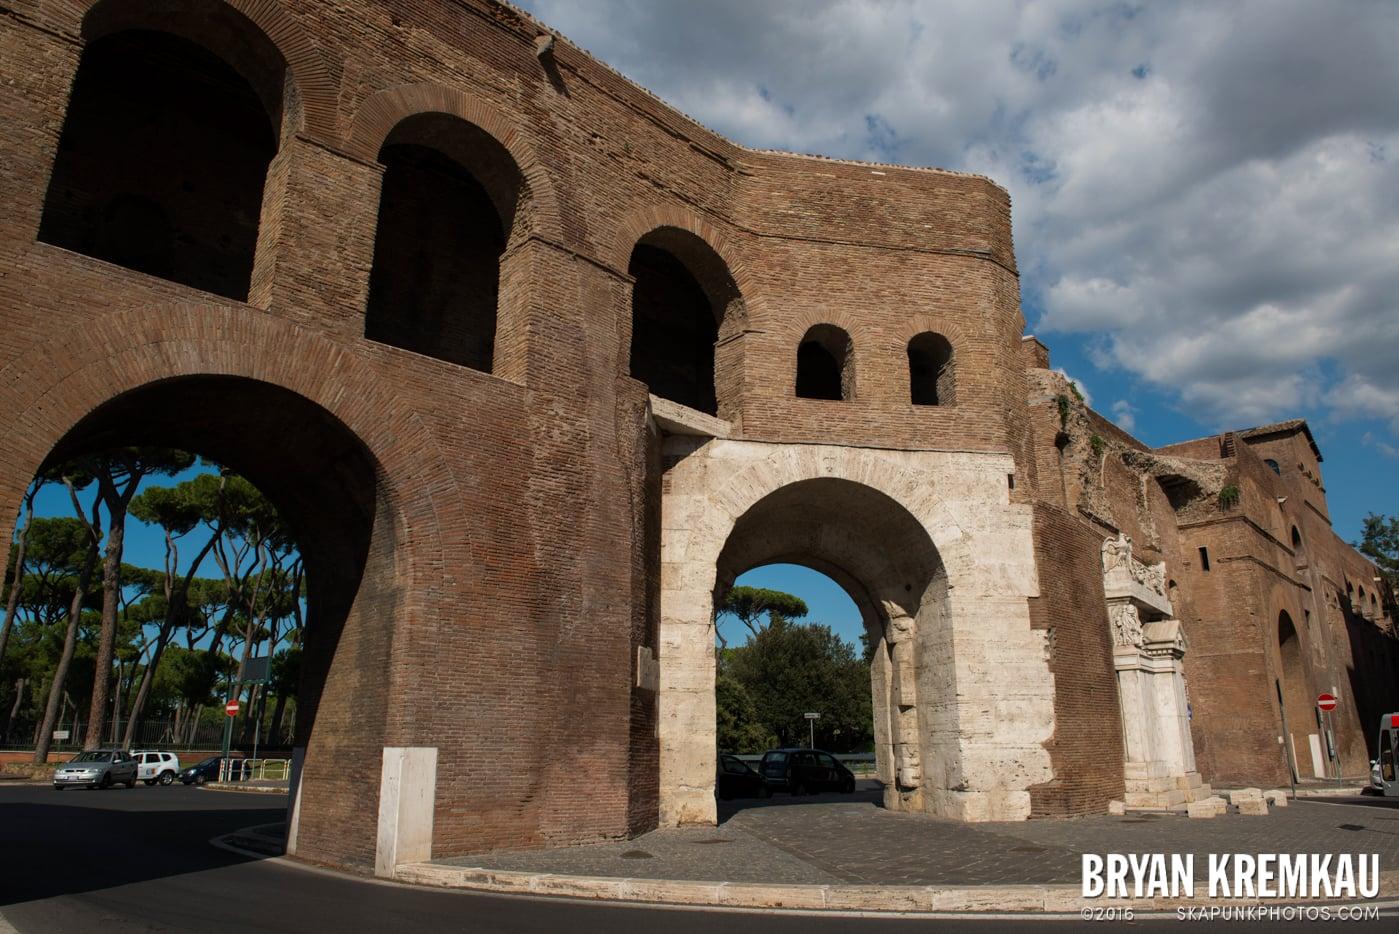 Italy Vacation - Day 12: Rome - 9.20.13 (5)